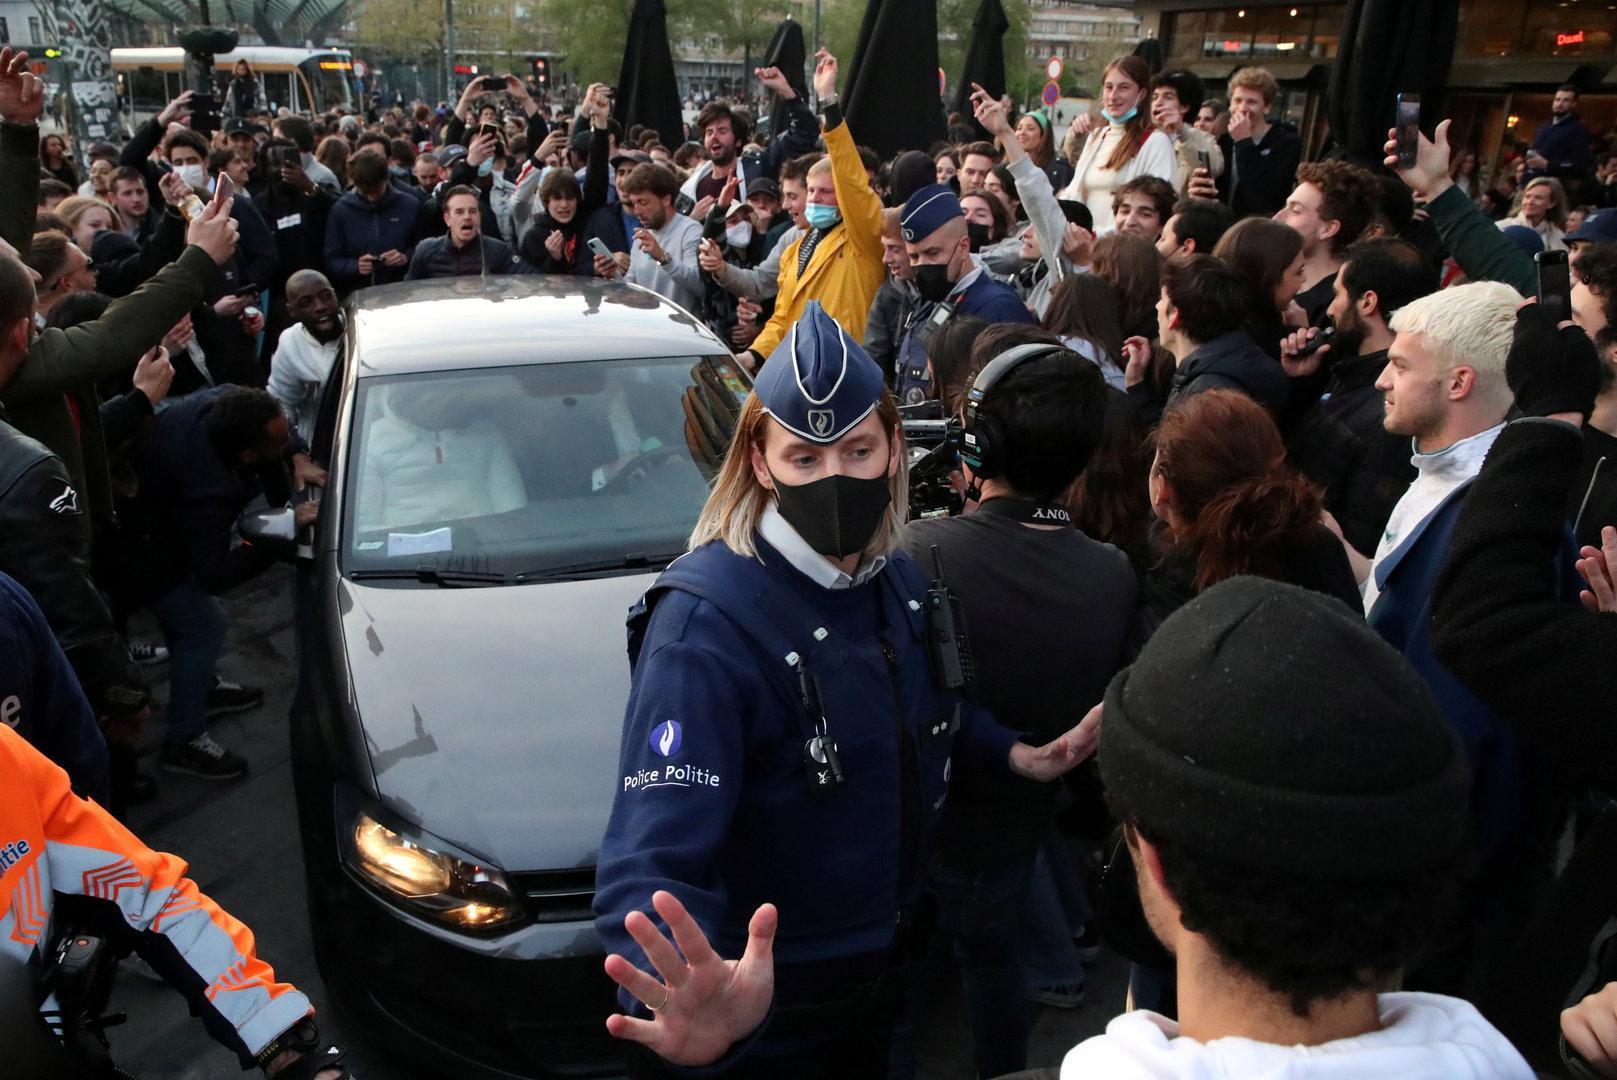 Ende des Lockdowns startet in Brüssel mit illegaler Massenparty